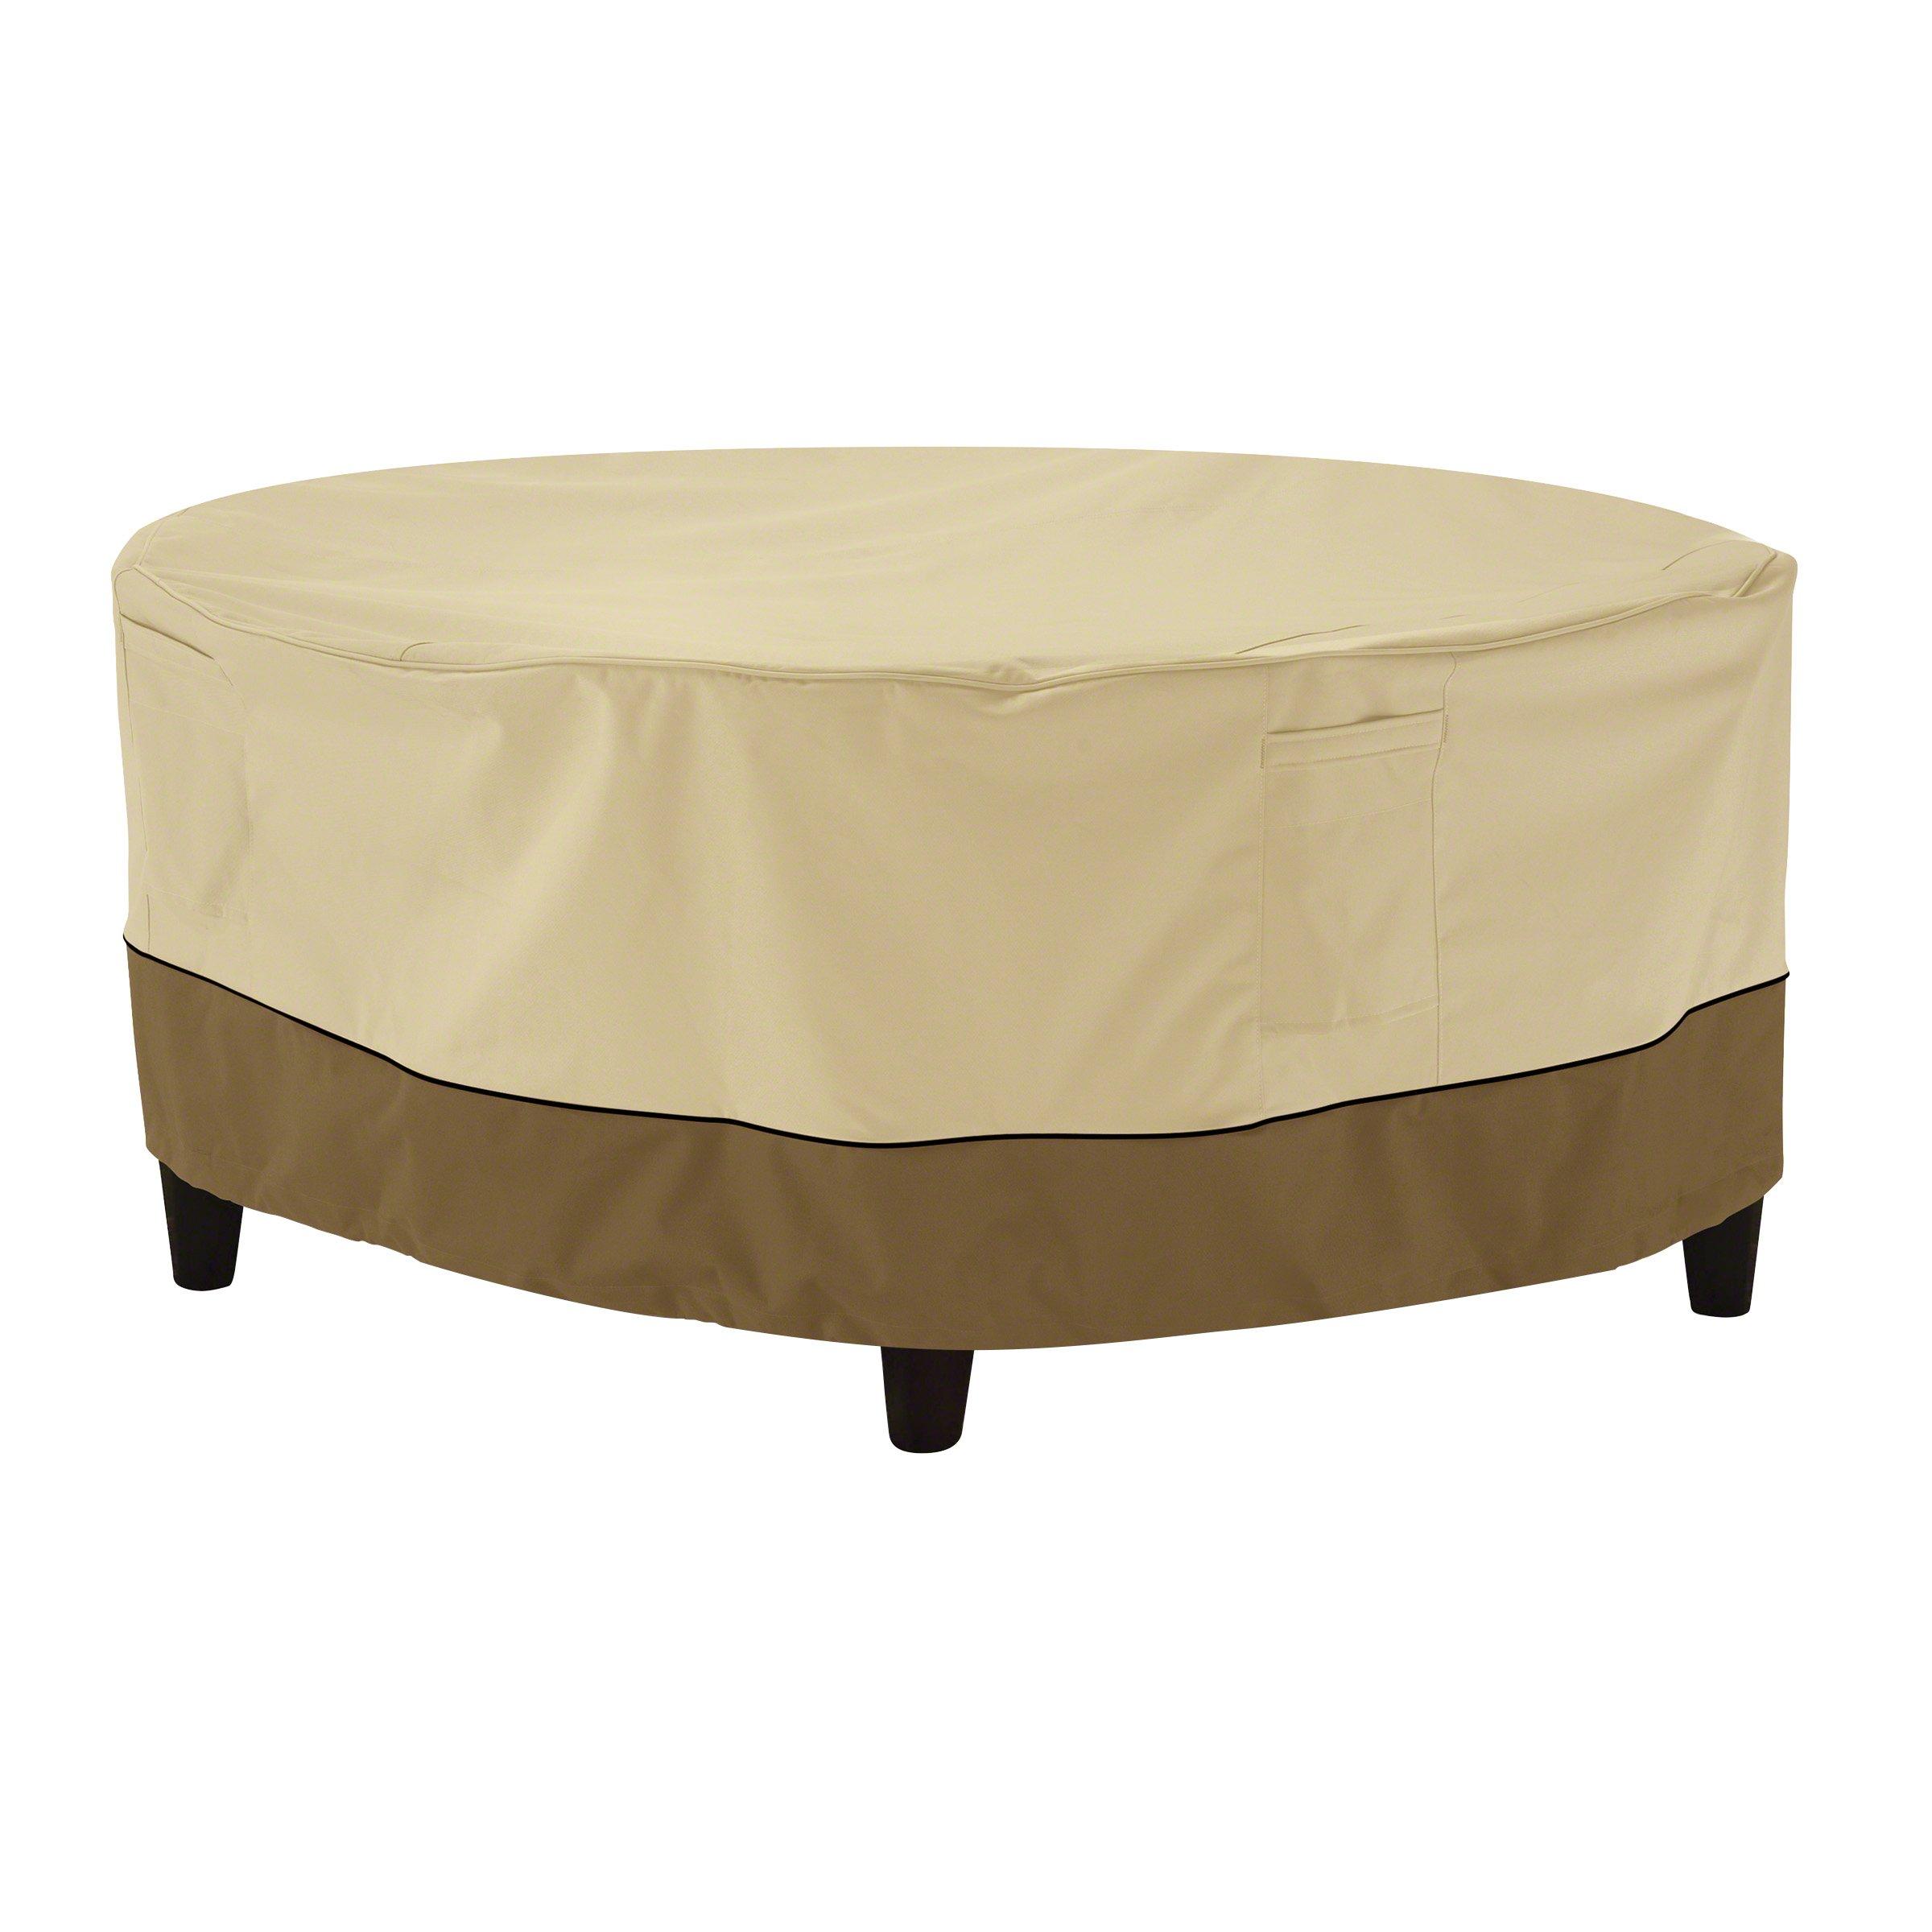 Classic Accessories 55-856-041501-00 Veranda Round Patio Ottoman/Coffee Table Cover, Large